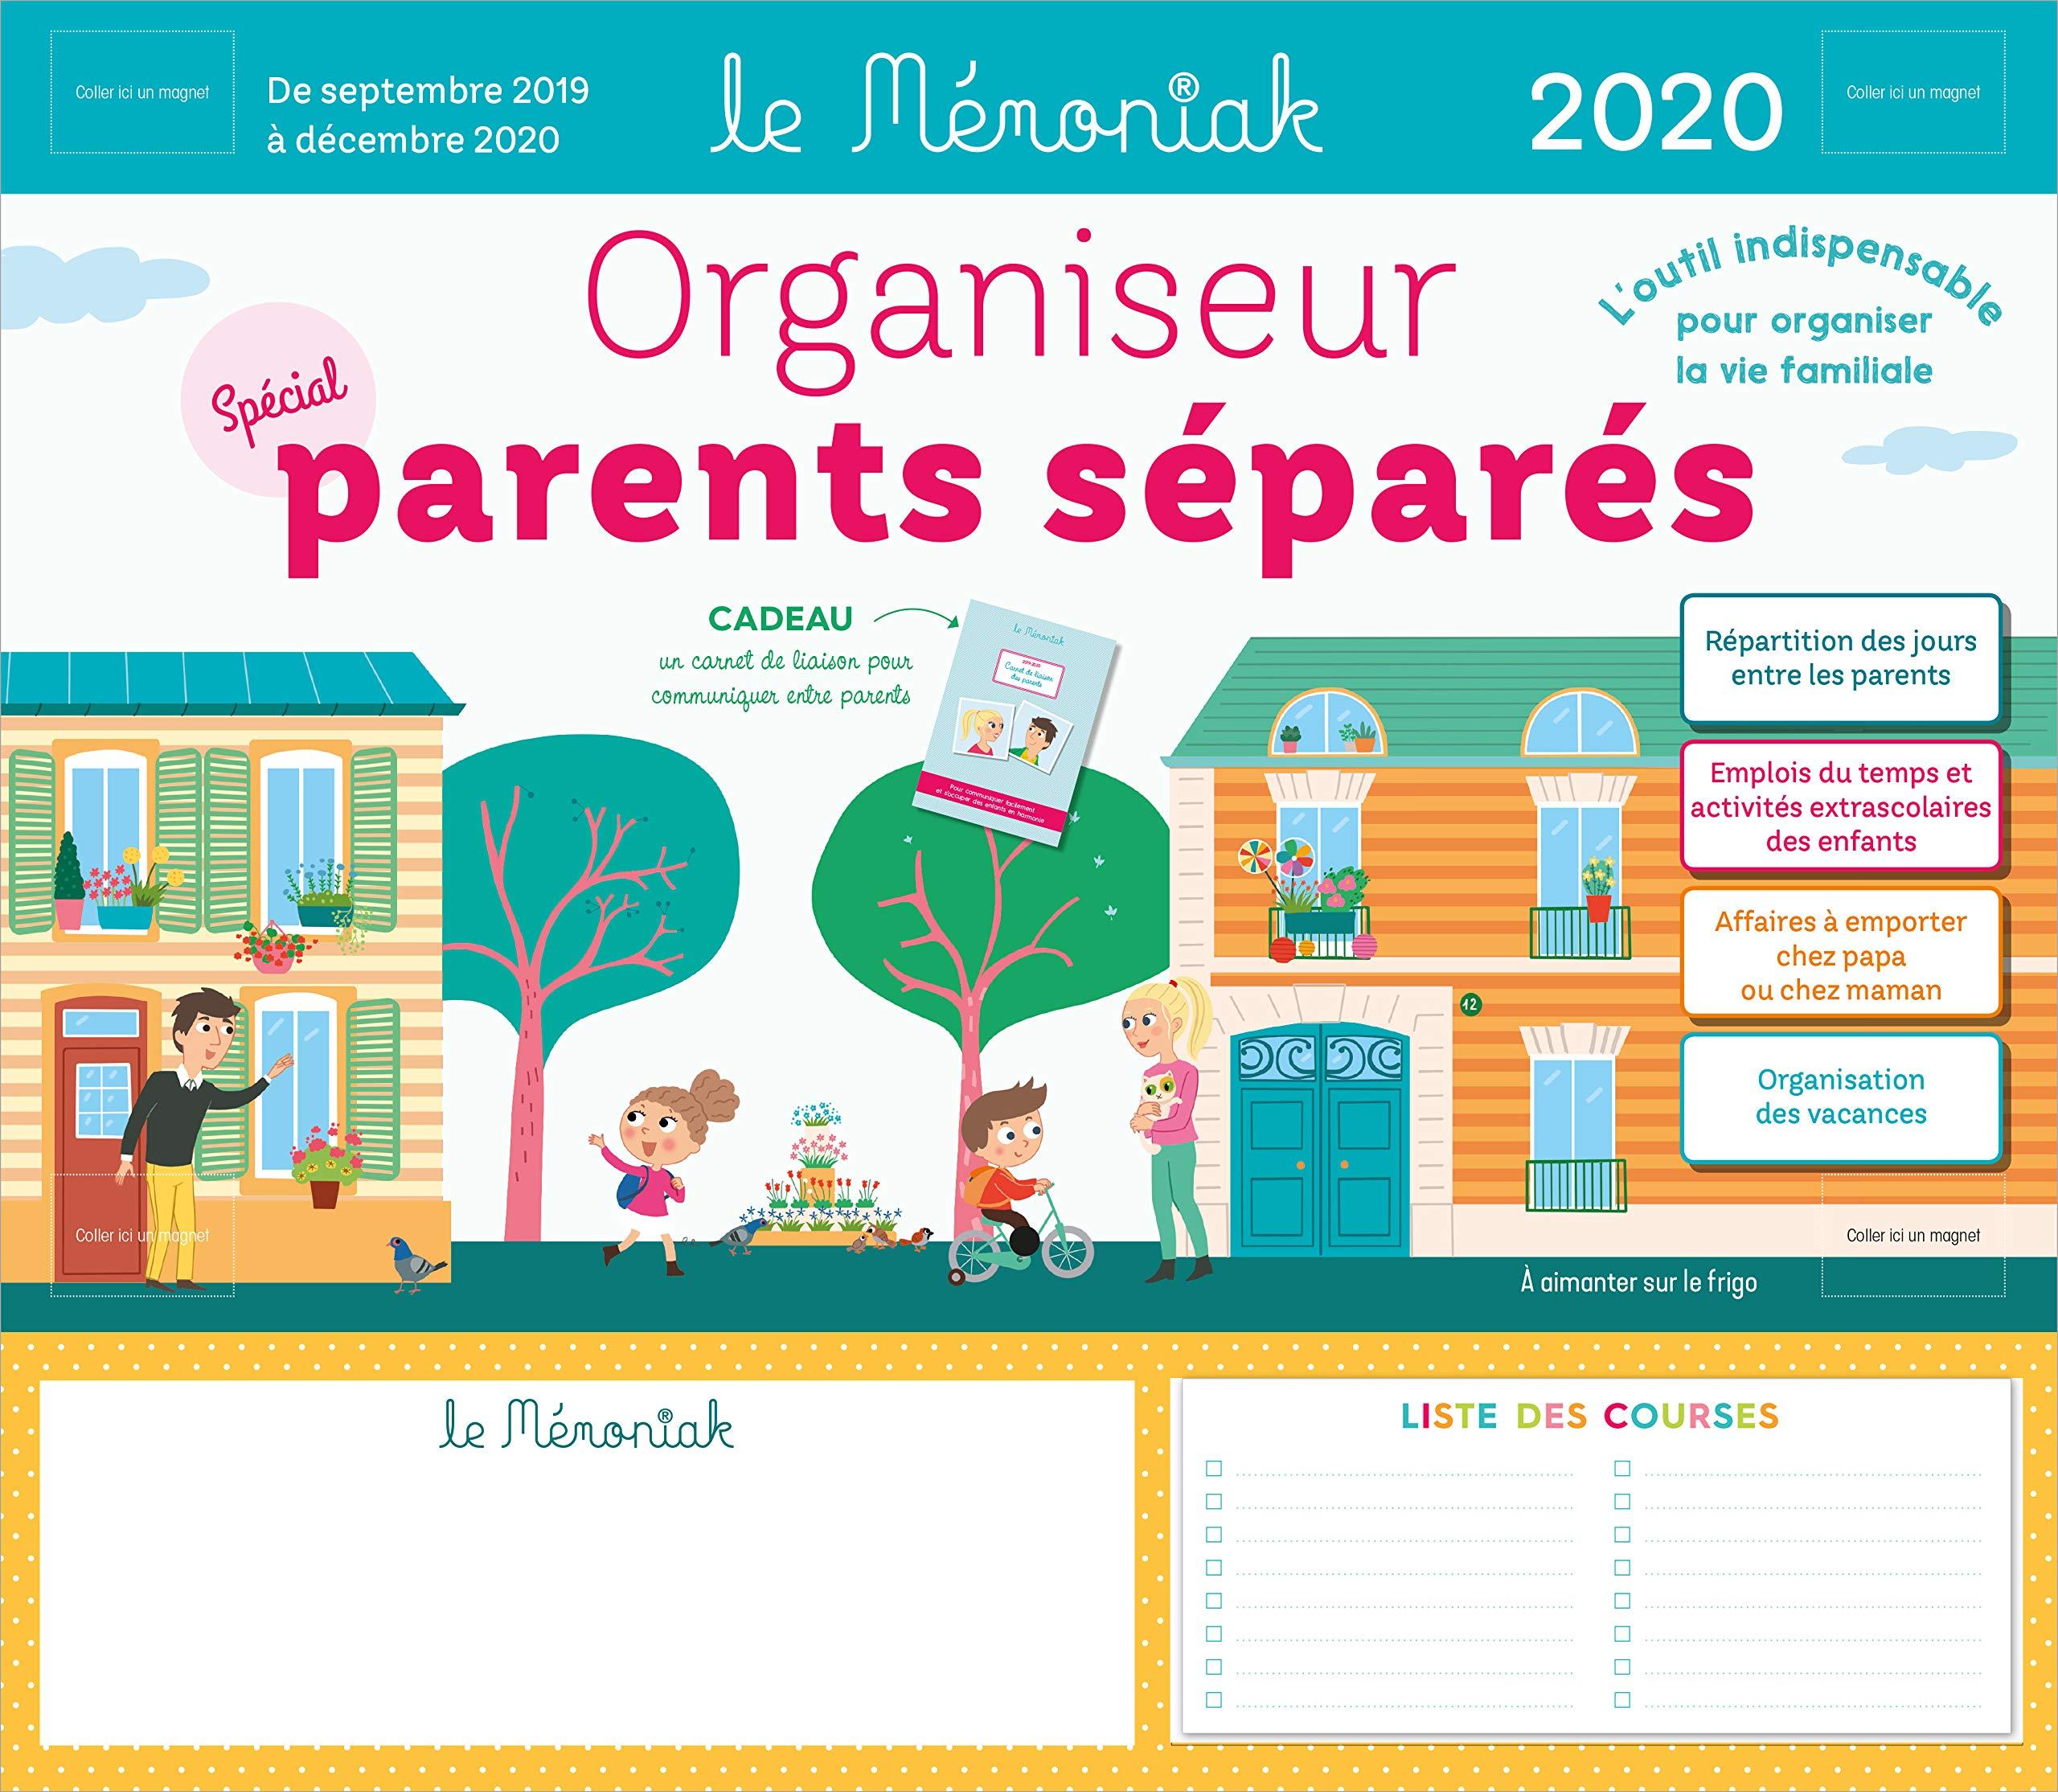 Calendrier Parents Divorcés 2021 Amazon.fr   Organiseur Parents Separes Memoniak 2019 2020   Chiodo